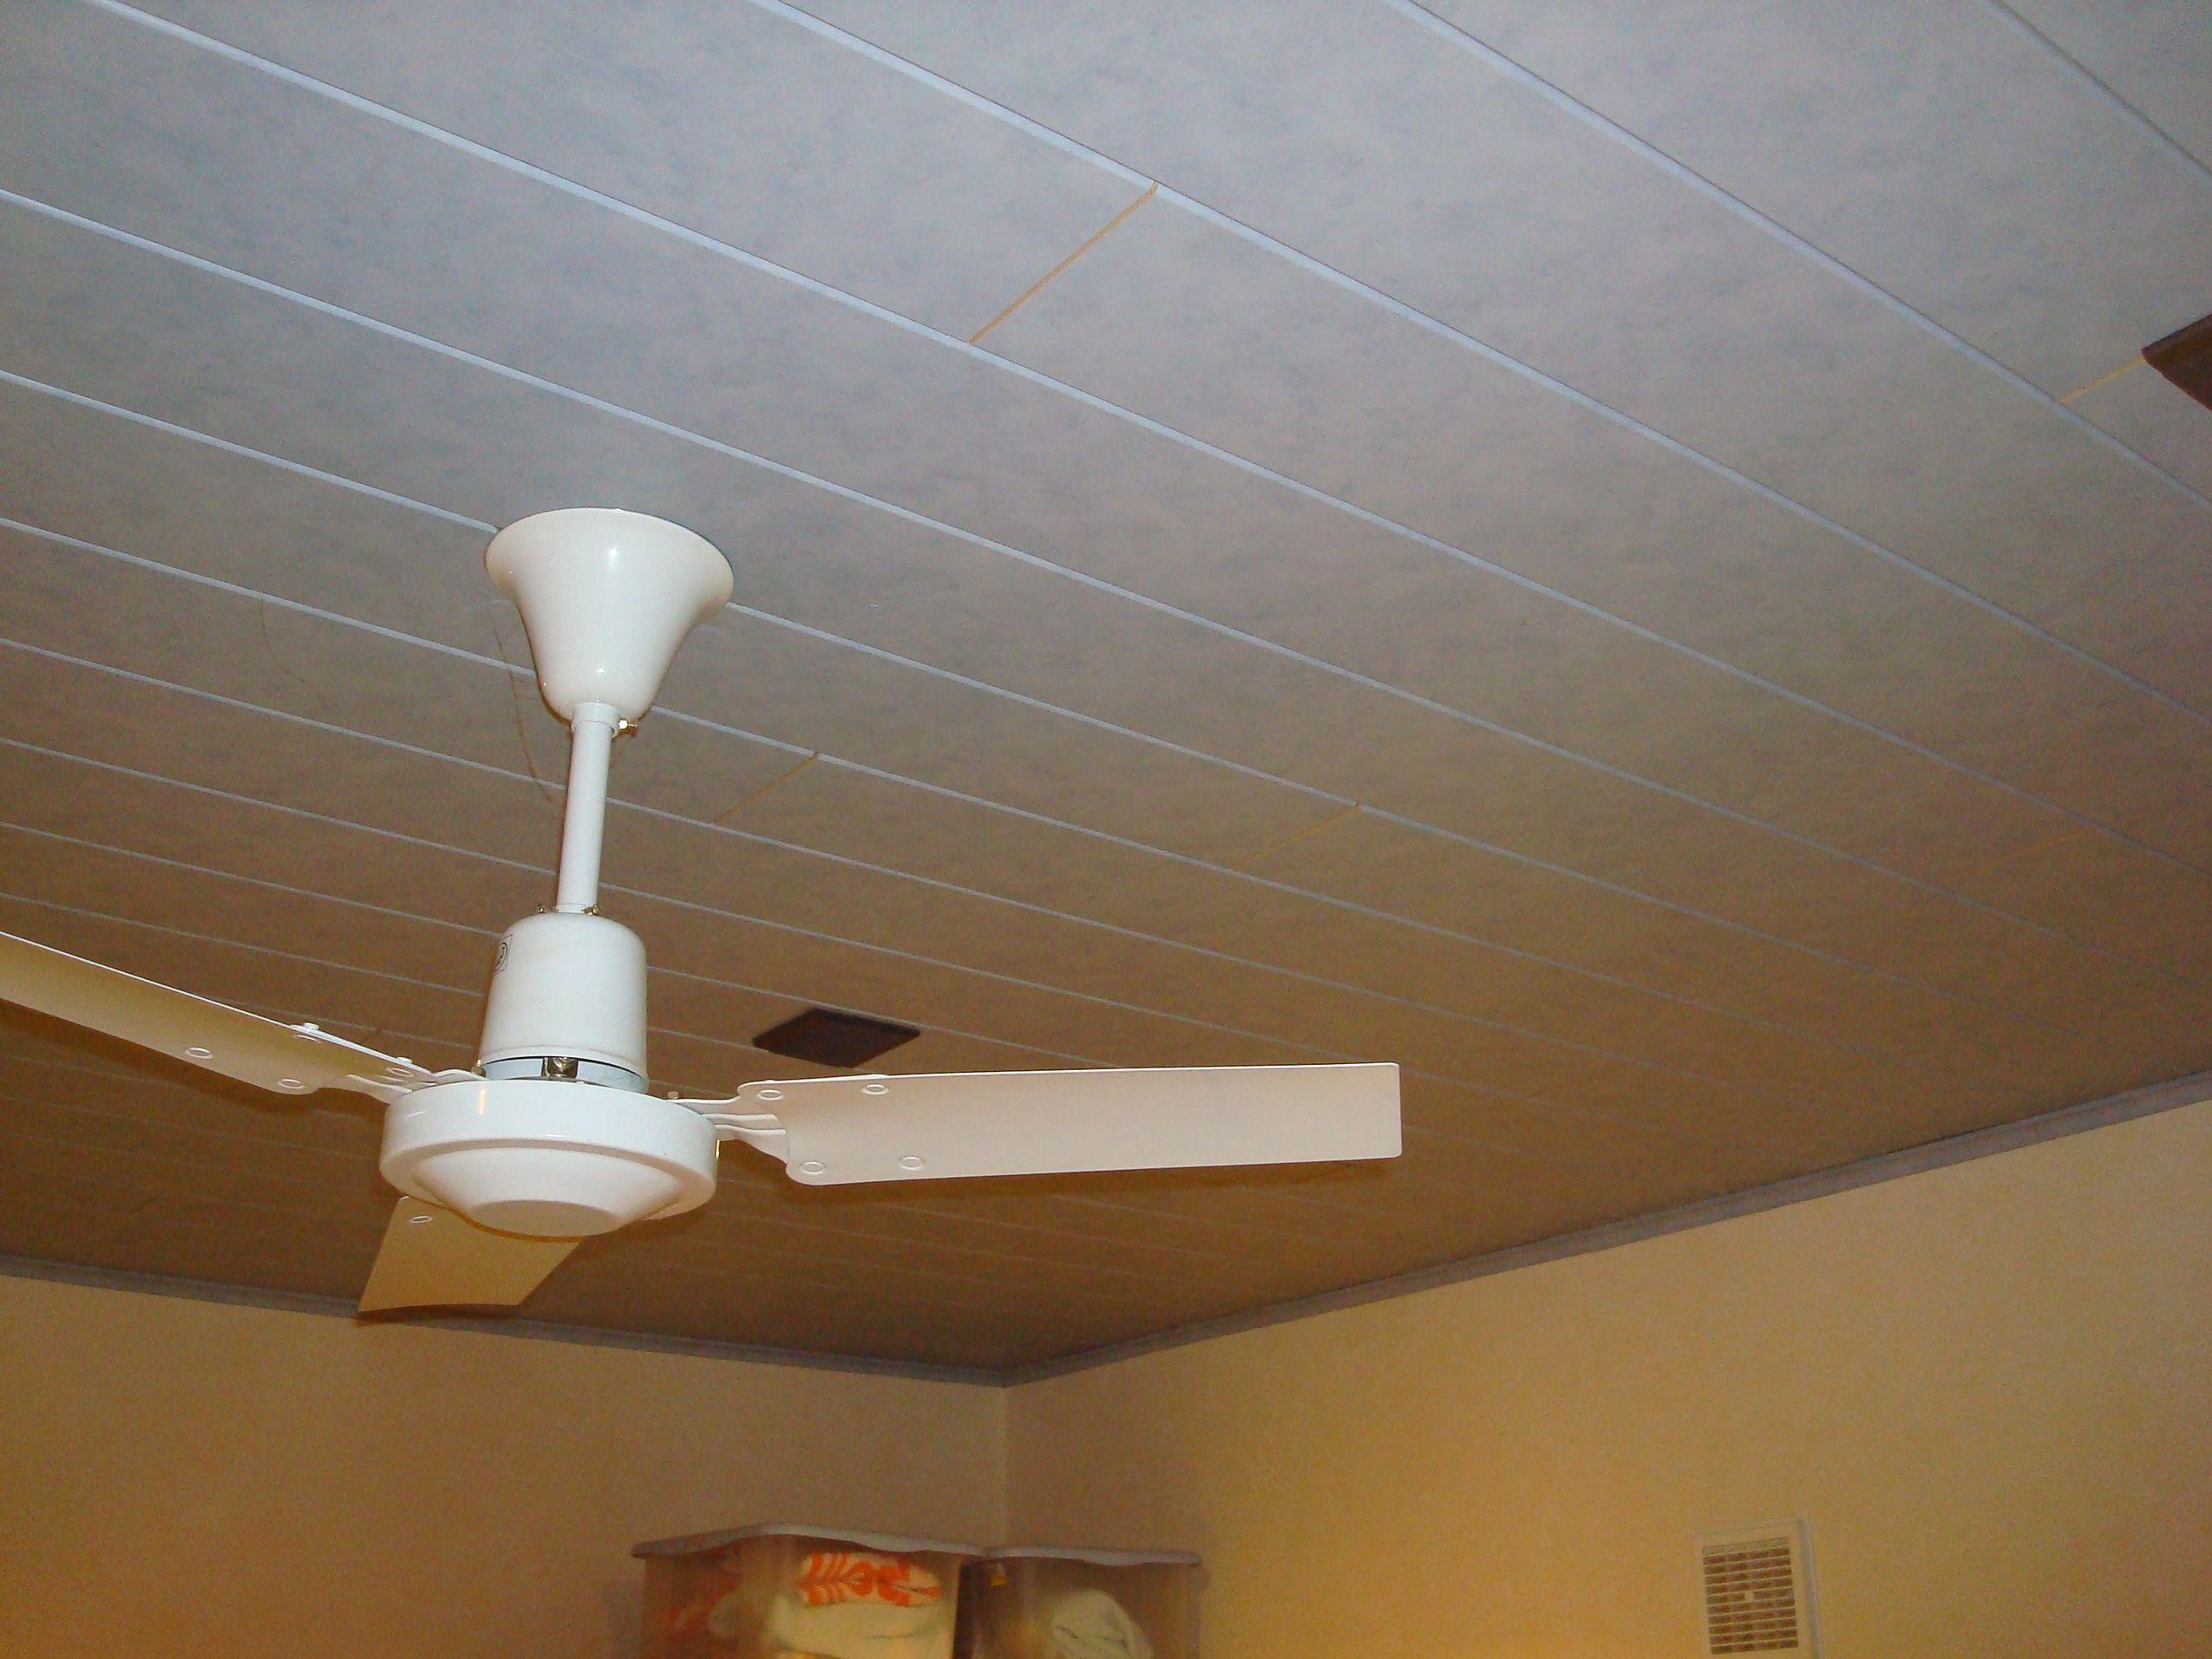 Recouvrir plafond for Comment choisir un ventilateur de plafond